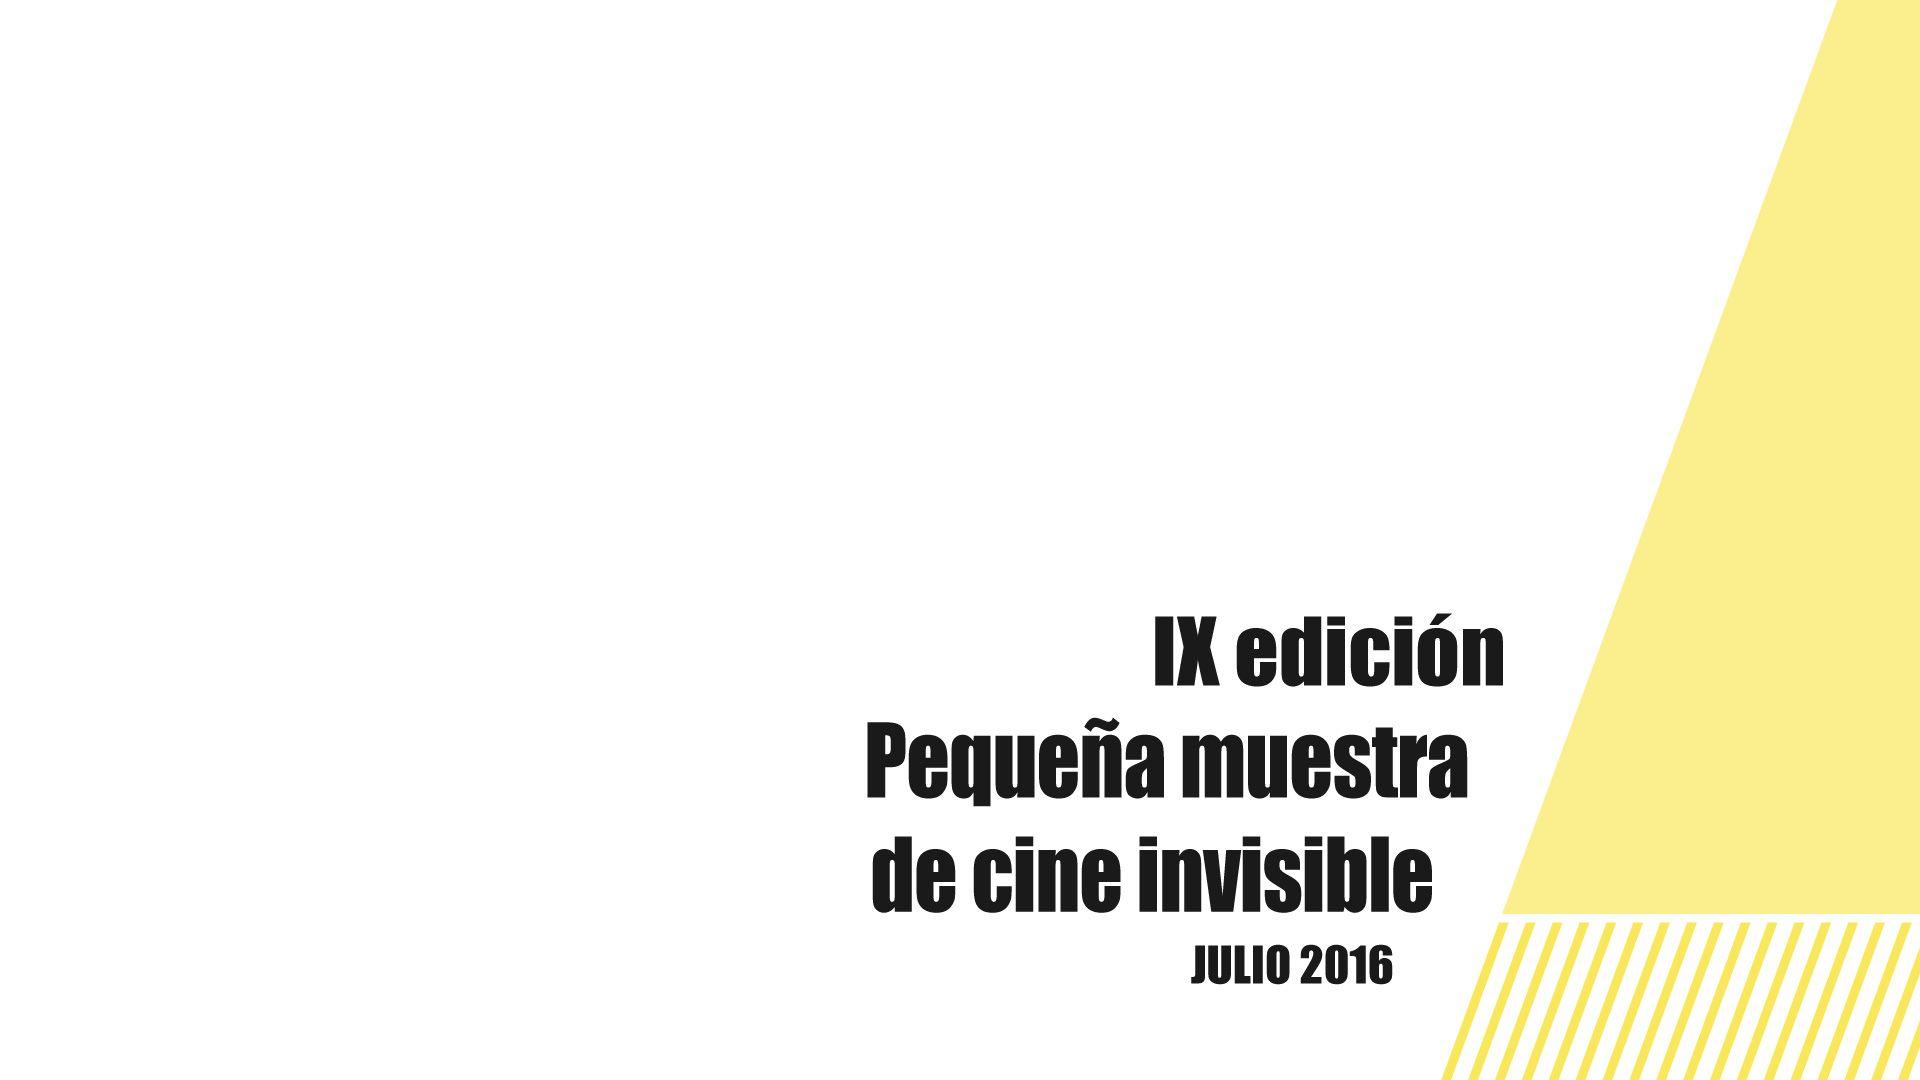 Muestra de cine invisible IX edición